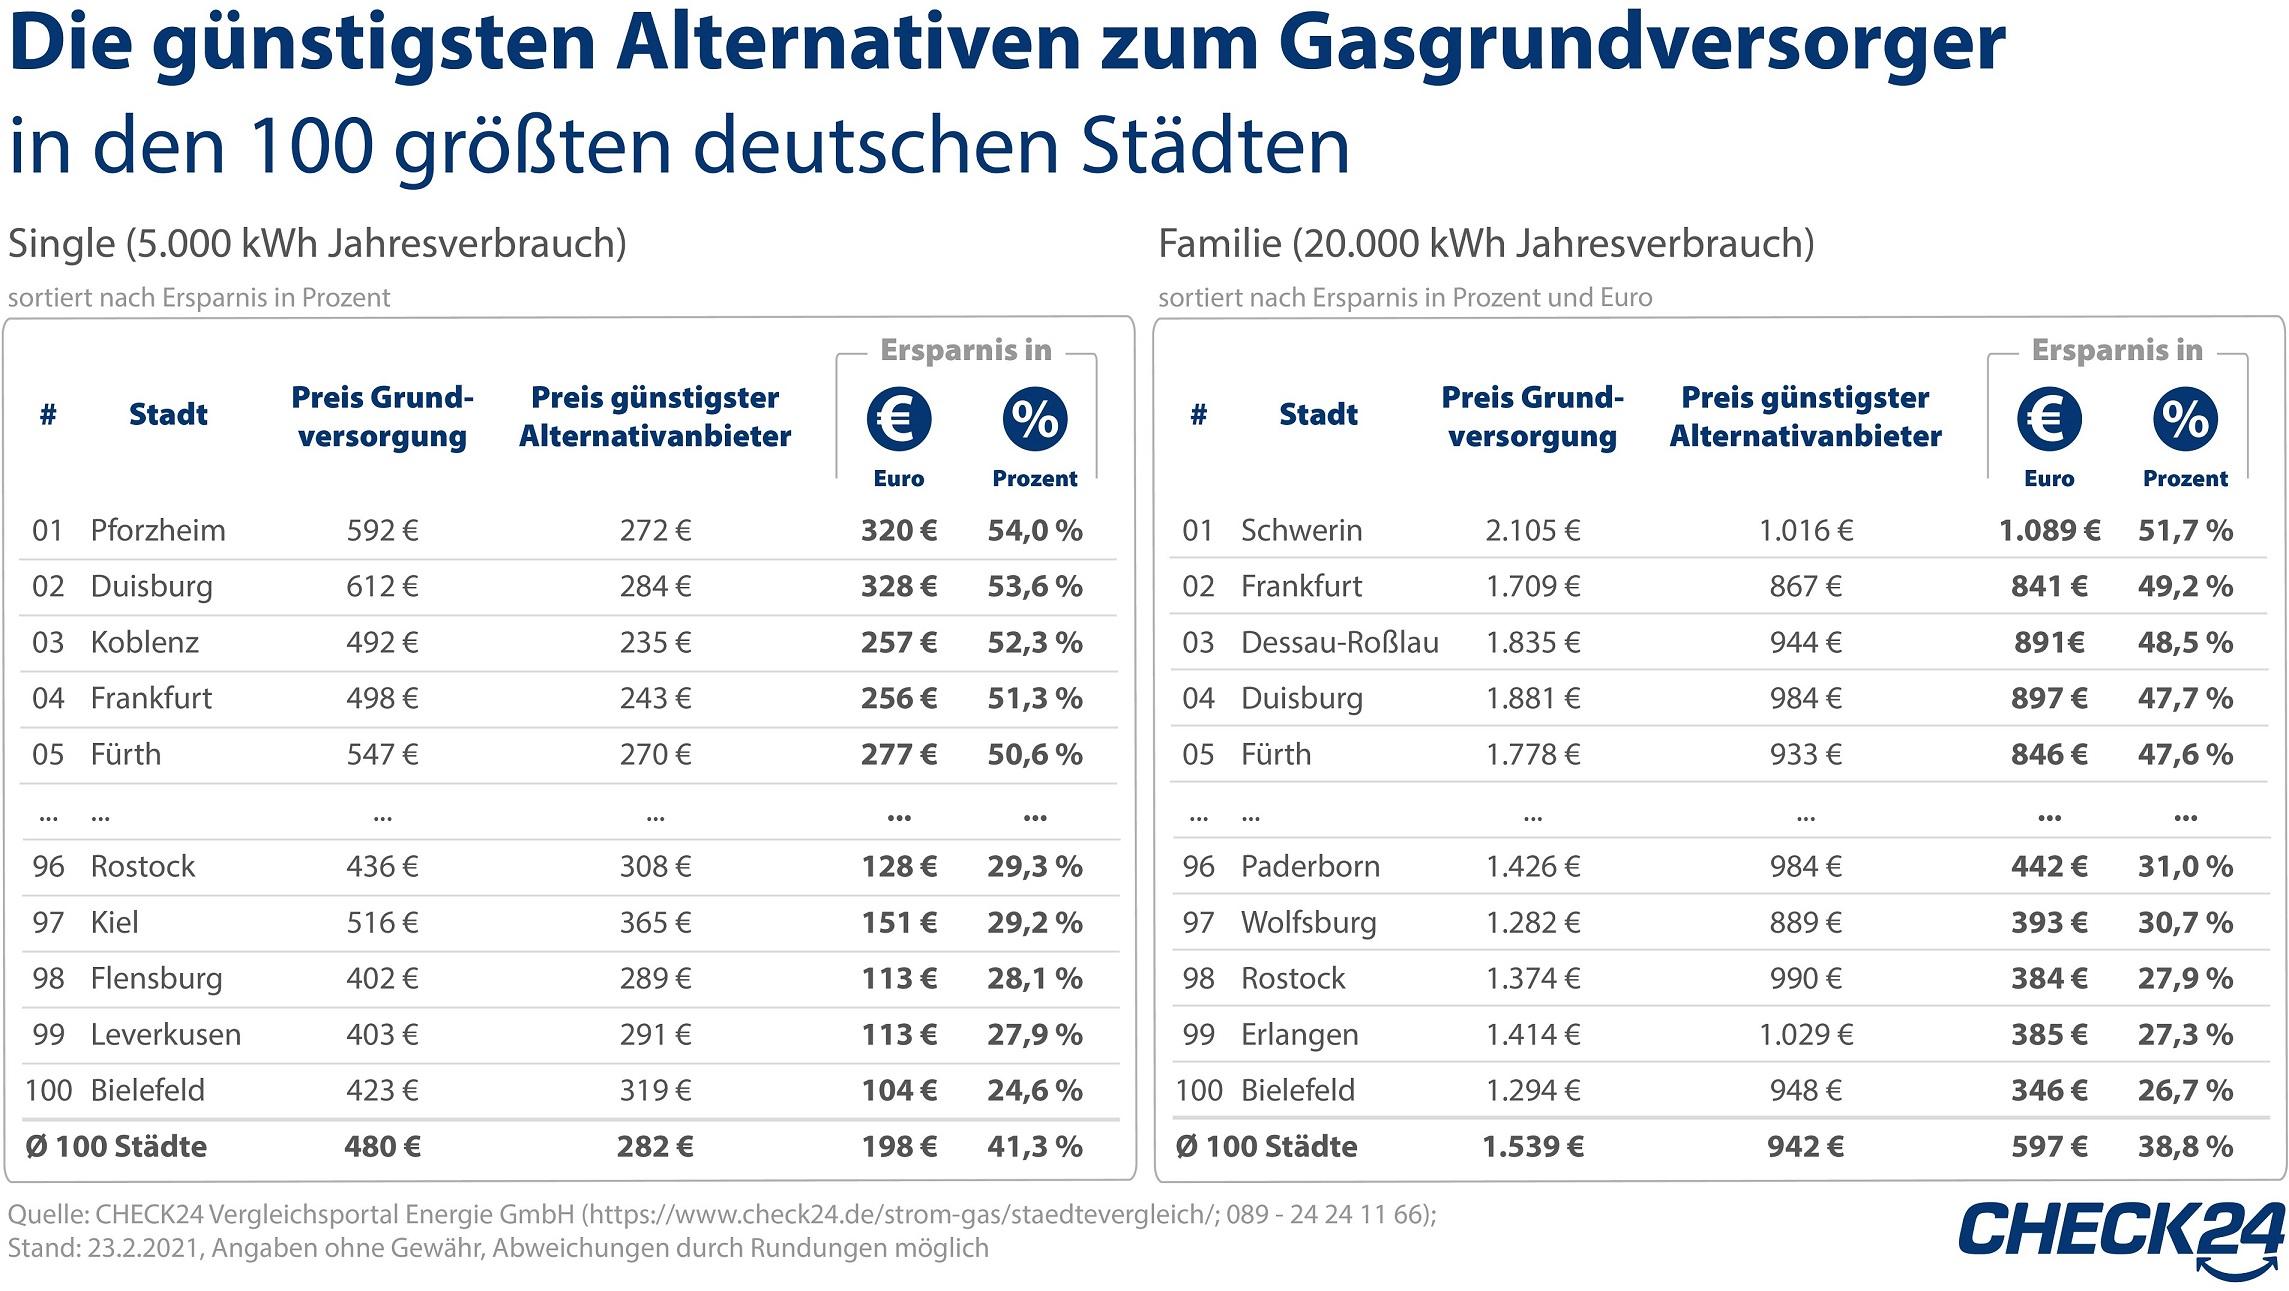 430 Grundversorger haben Gaspreise erhöht – mehr als 2,2 Millionen Haushalte betroffen